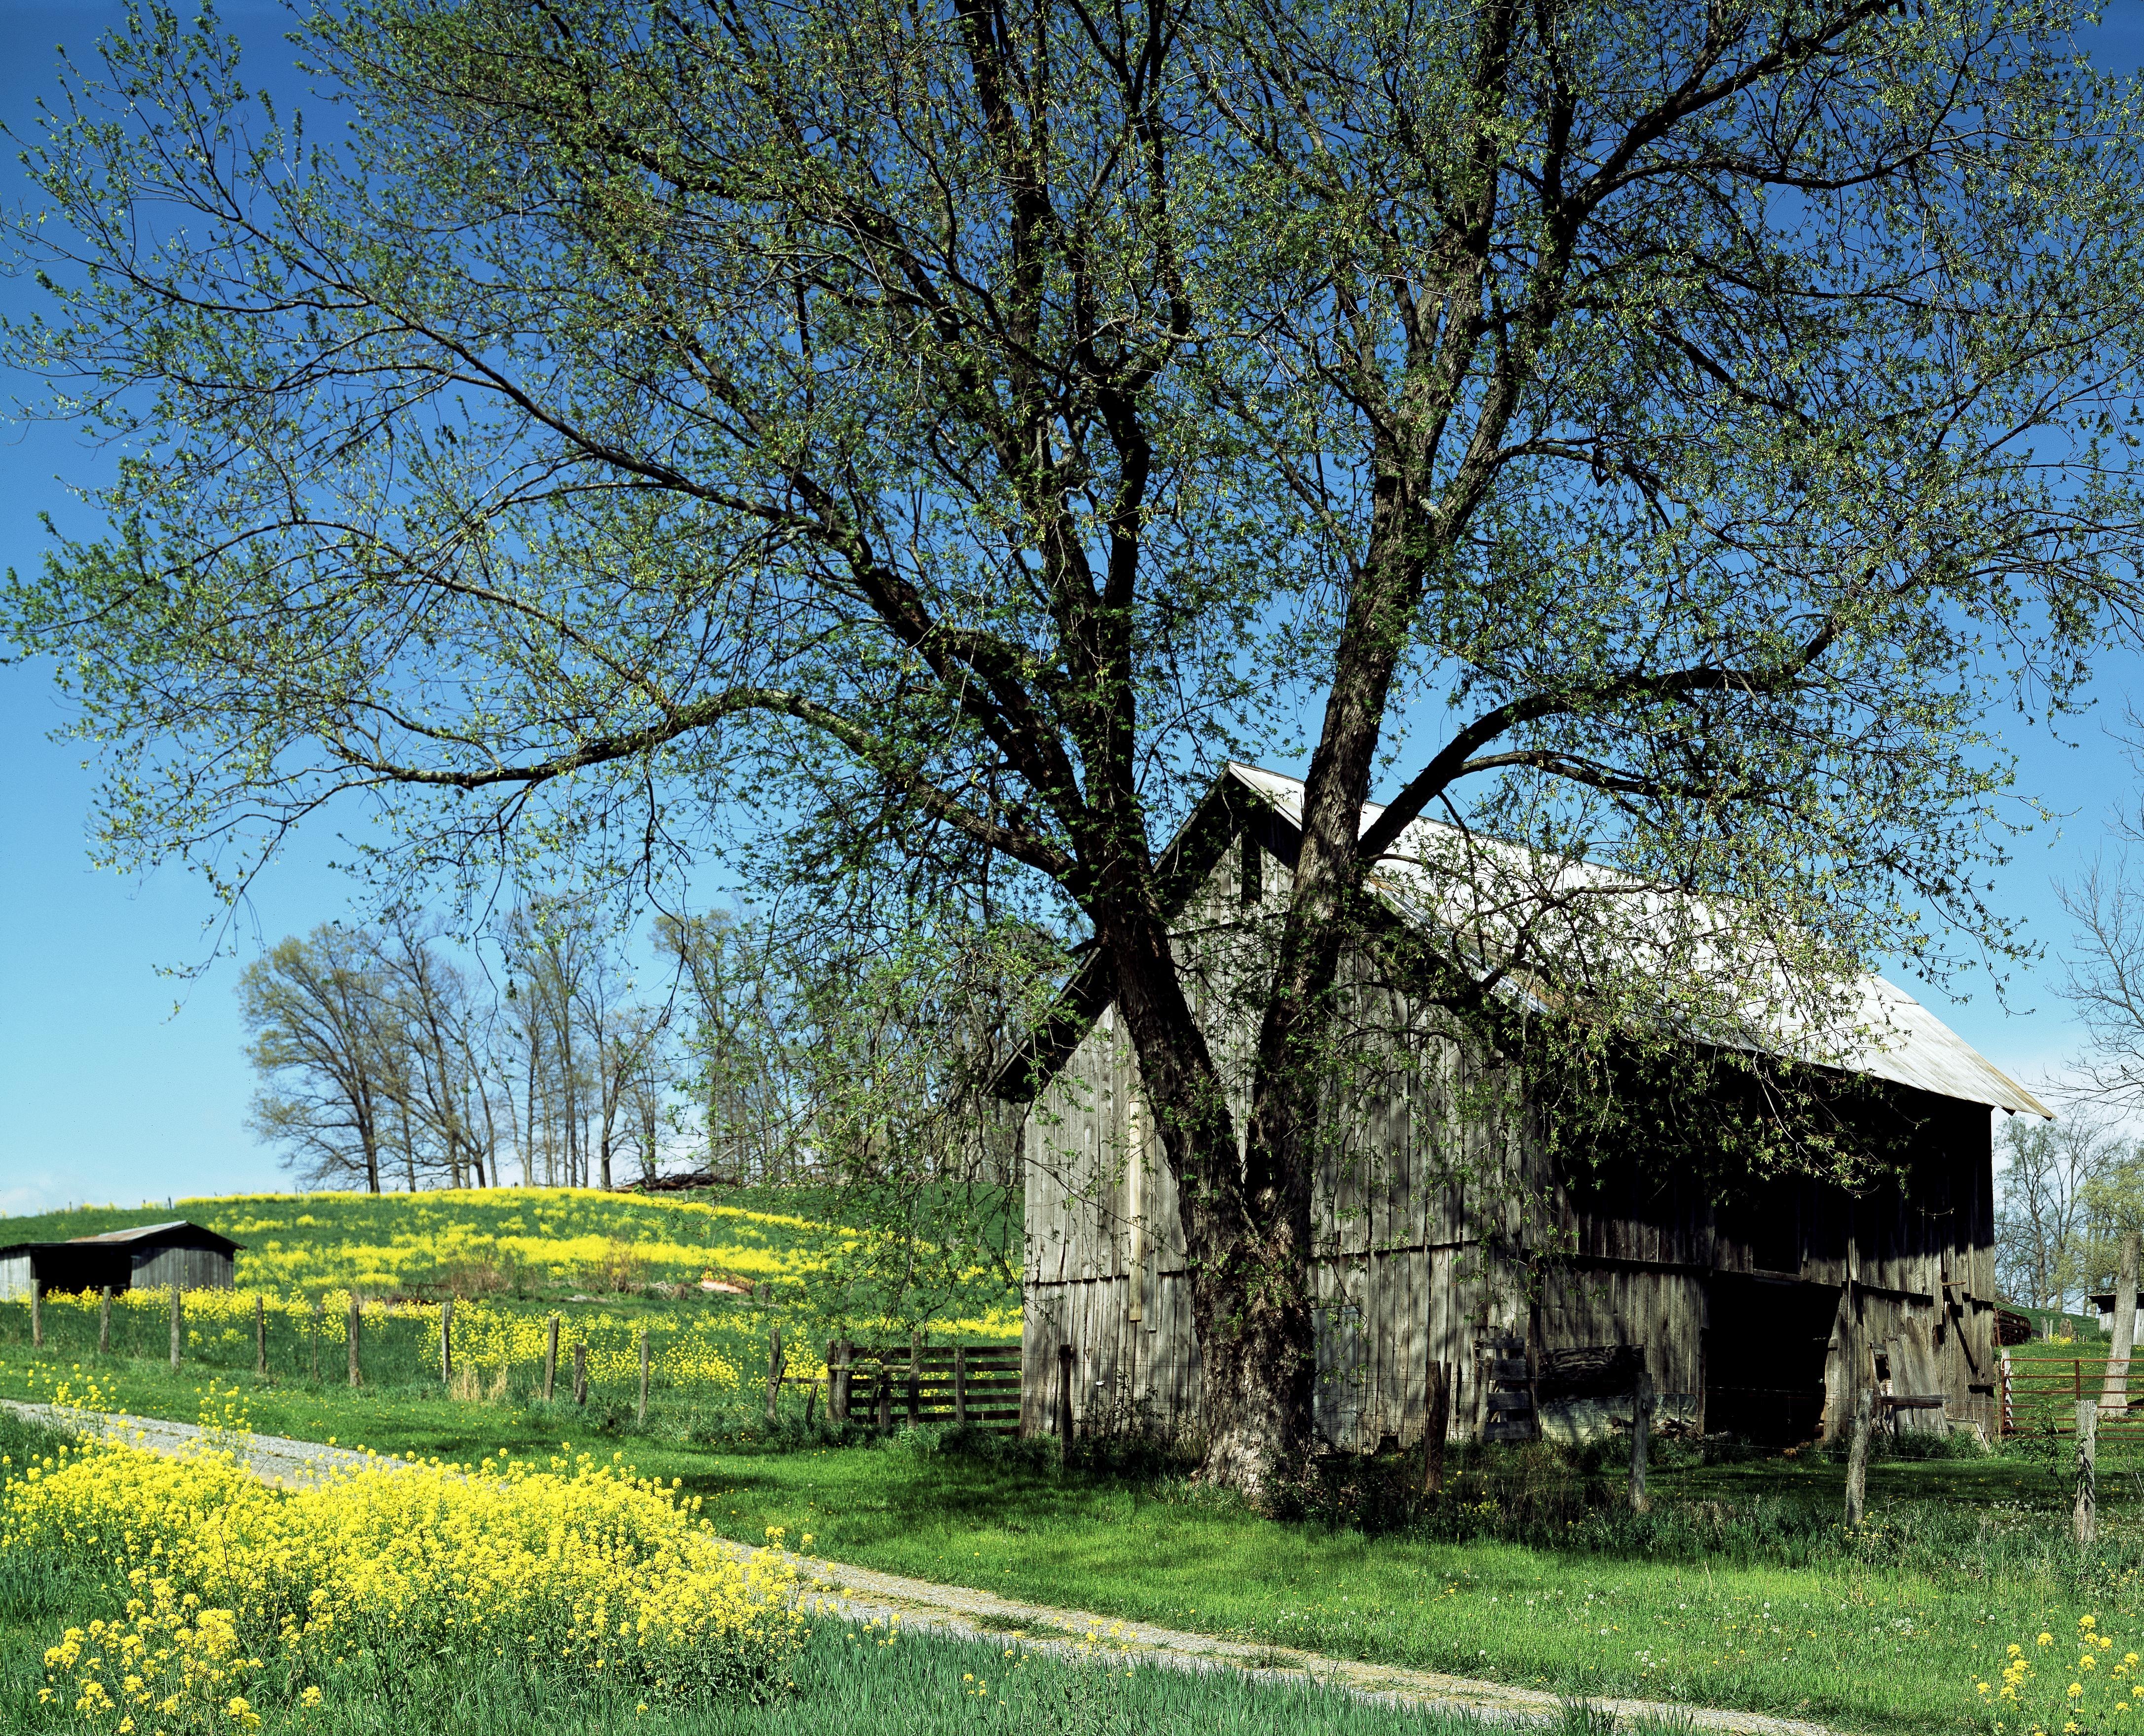 Kostenlose foto : Landschaft, Baum, Natur, Holz, Bauernhof, Wiese ...